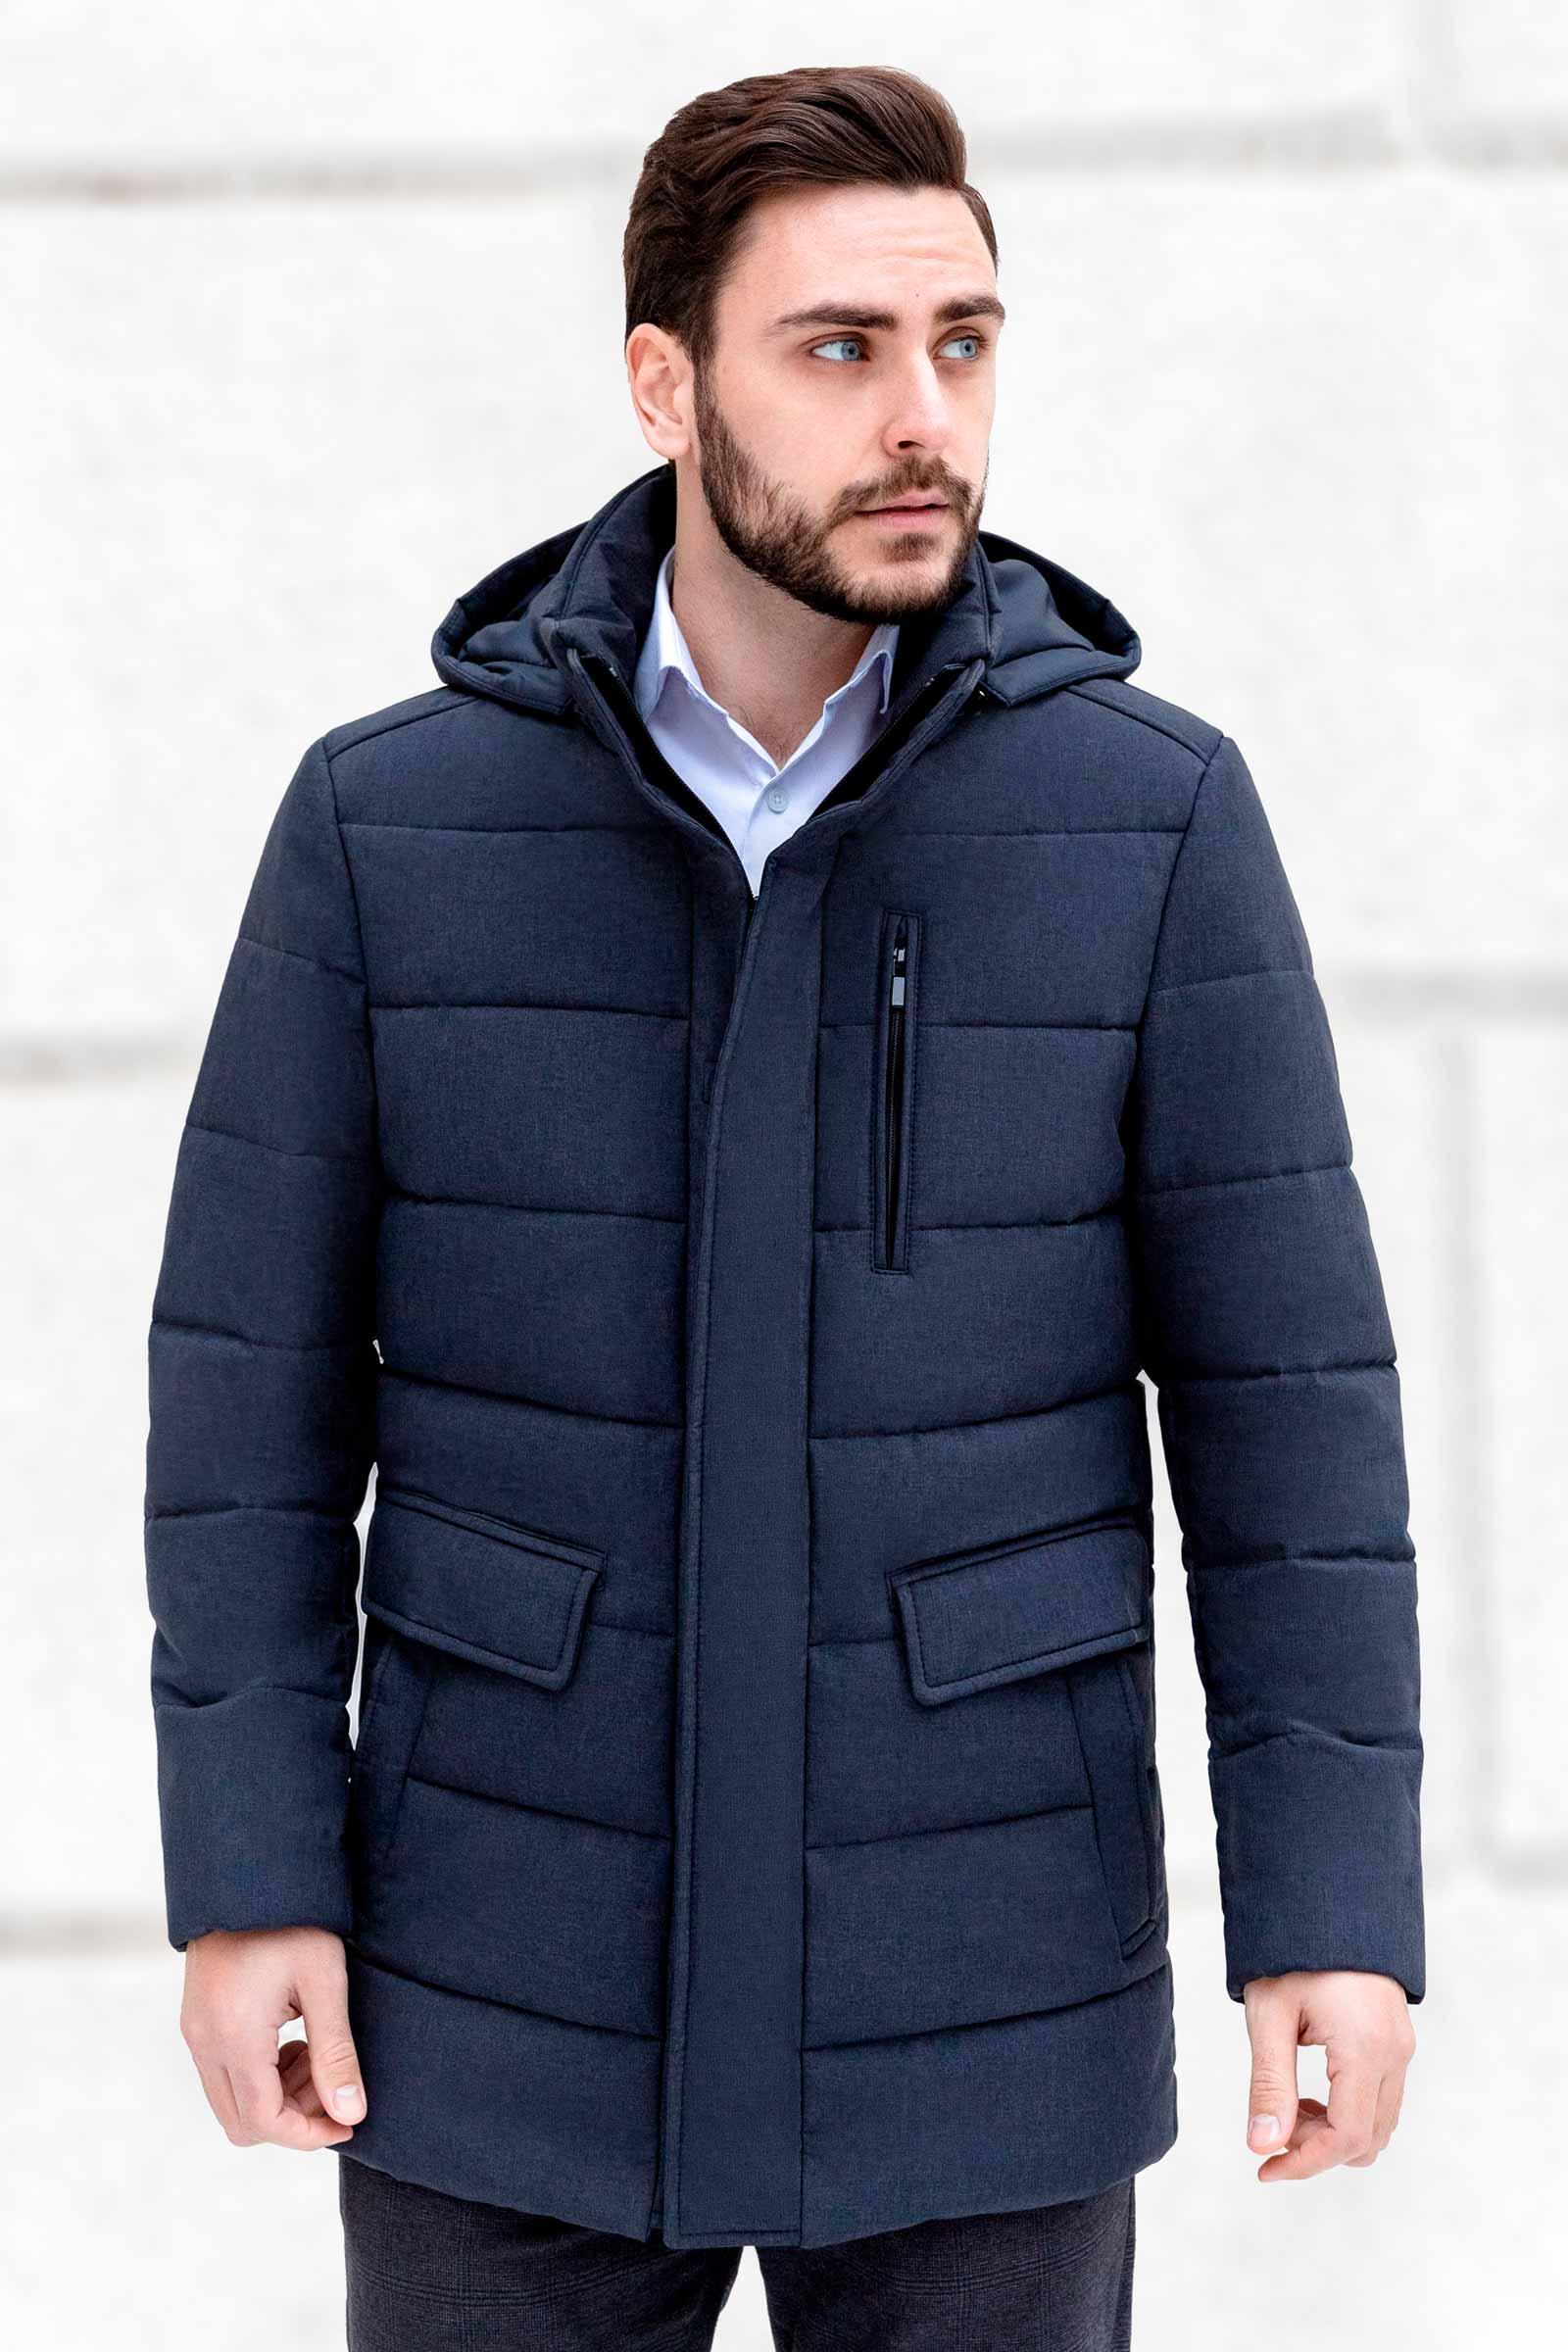 Качественные мужские куртки в Украине  - фото